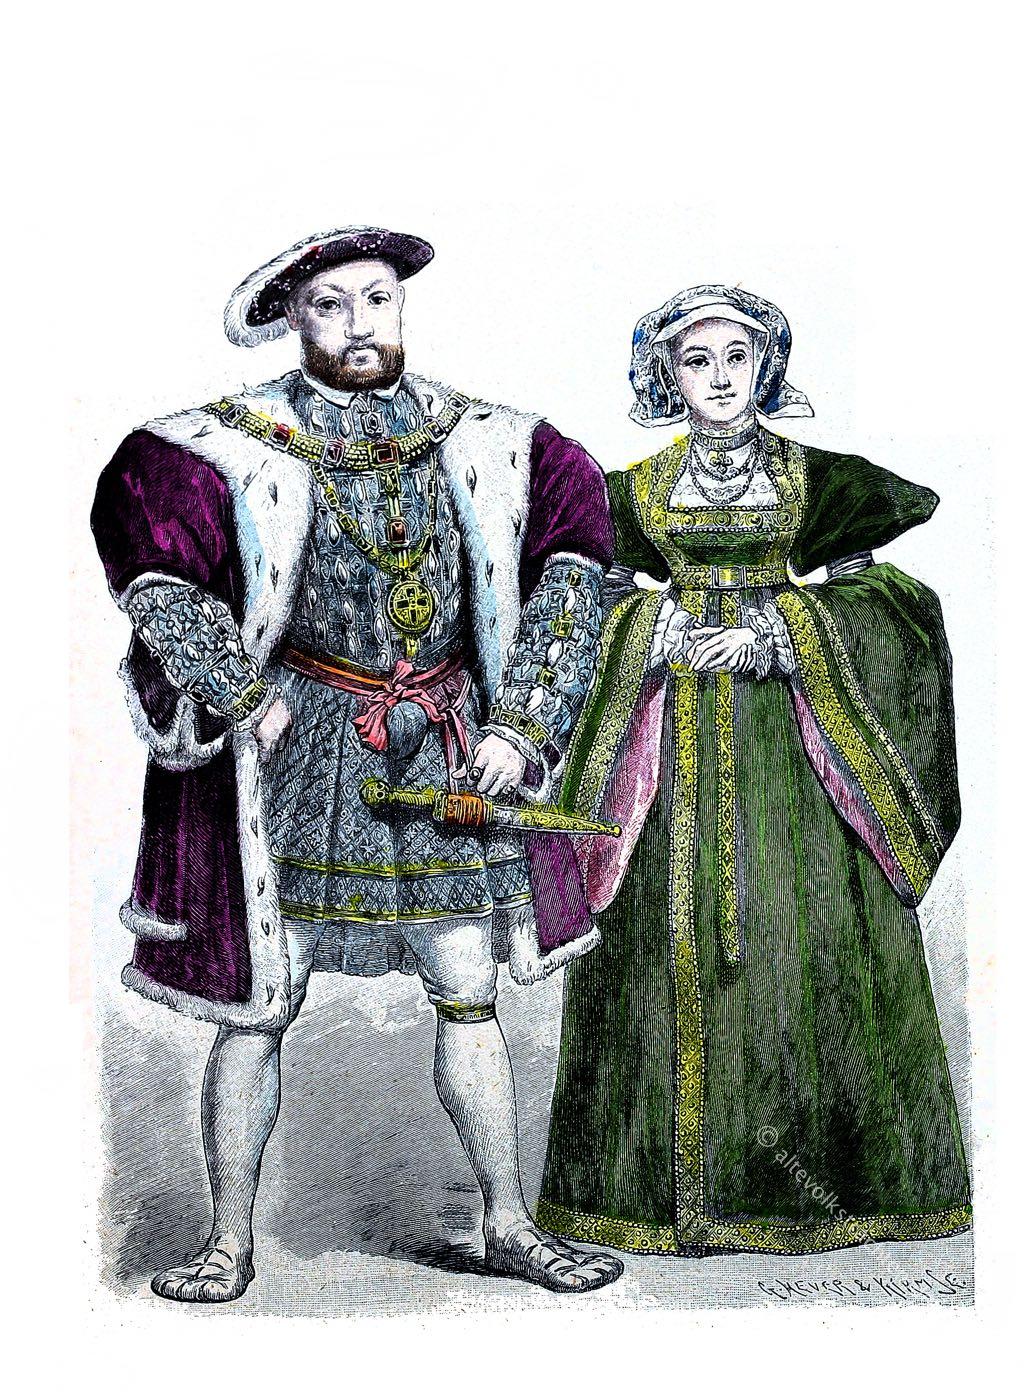 Heinrich VIII, Anna von Cleve, Münchener, Bilderbogen, England, Tudor, Mode, Renaissance